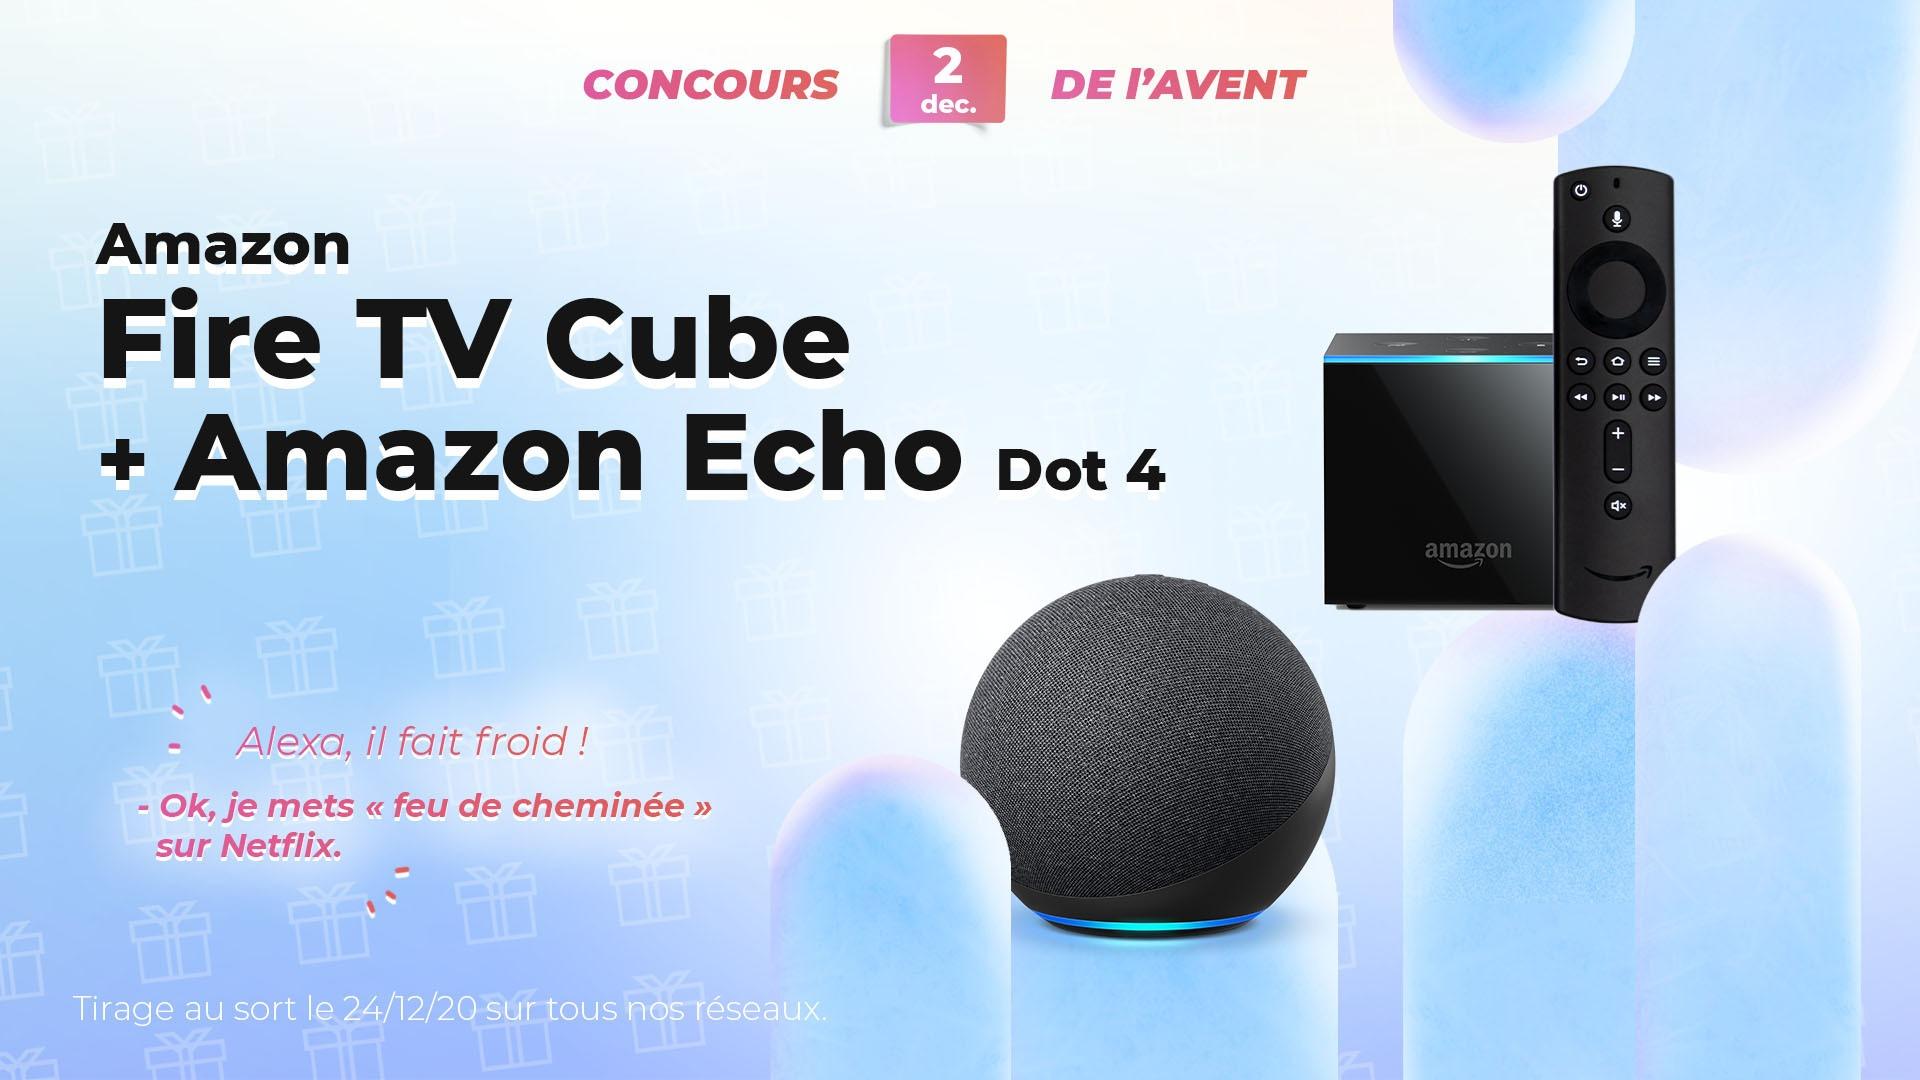 #FrandroidOffreMoi un pack complet Amazon Alexa avec enceinte et boitier TV